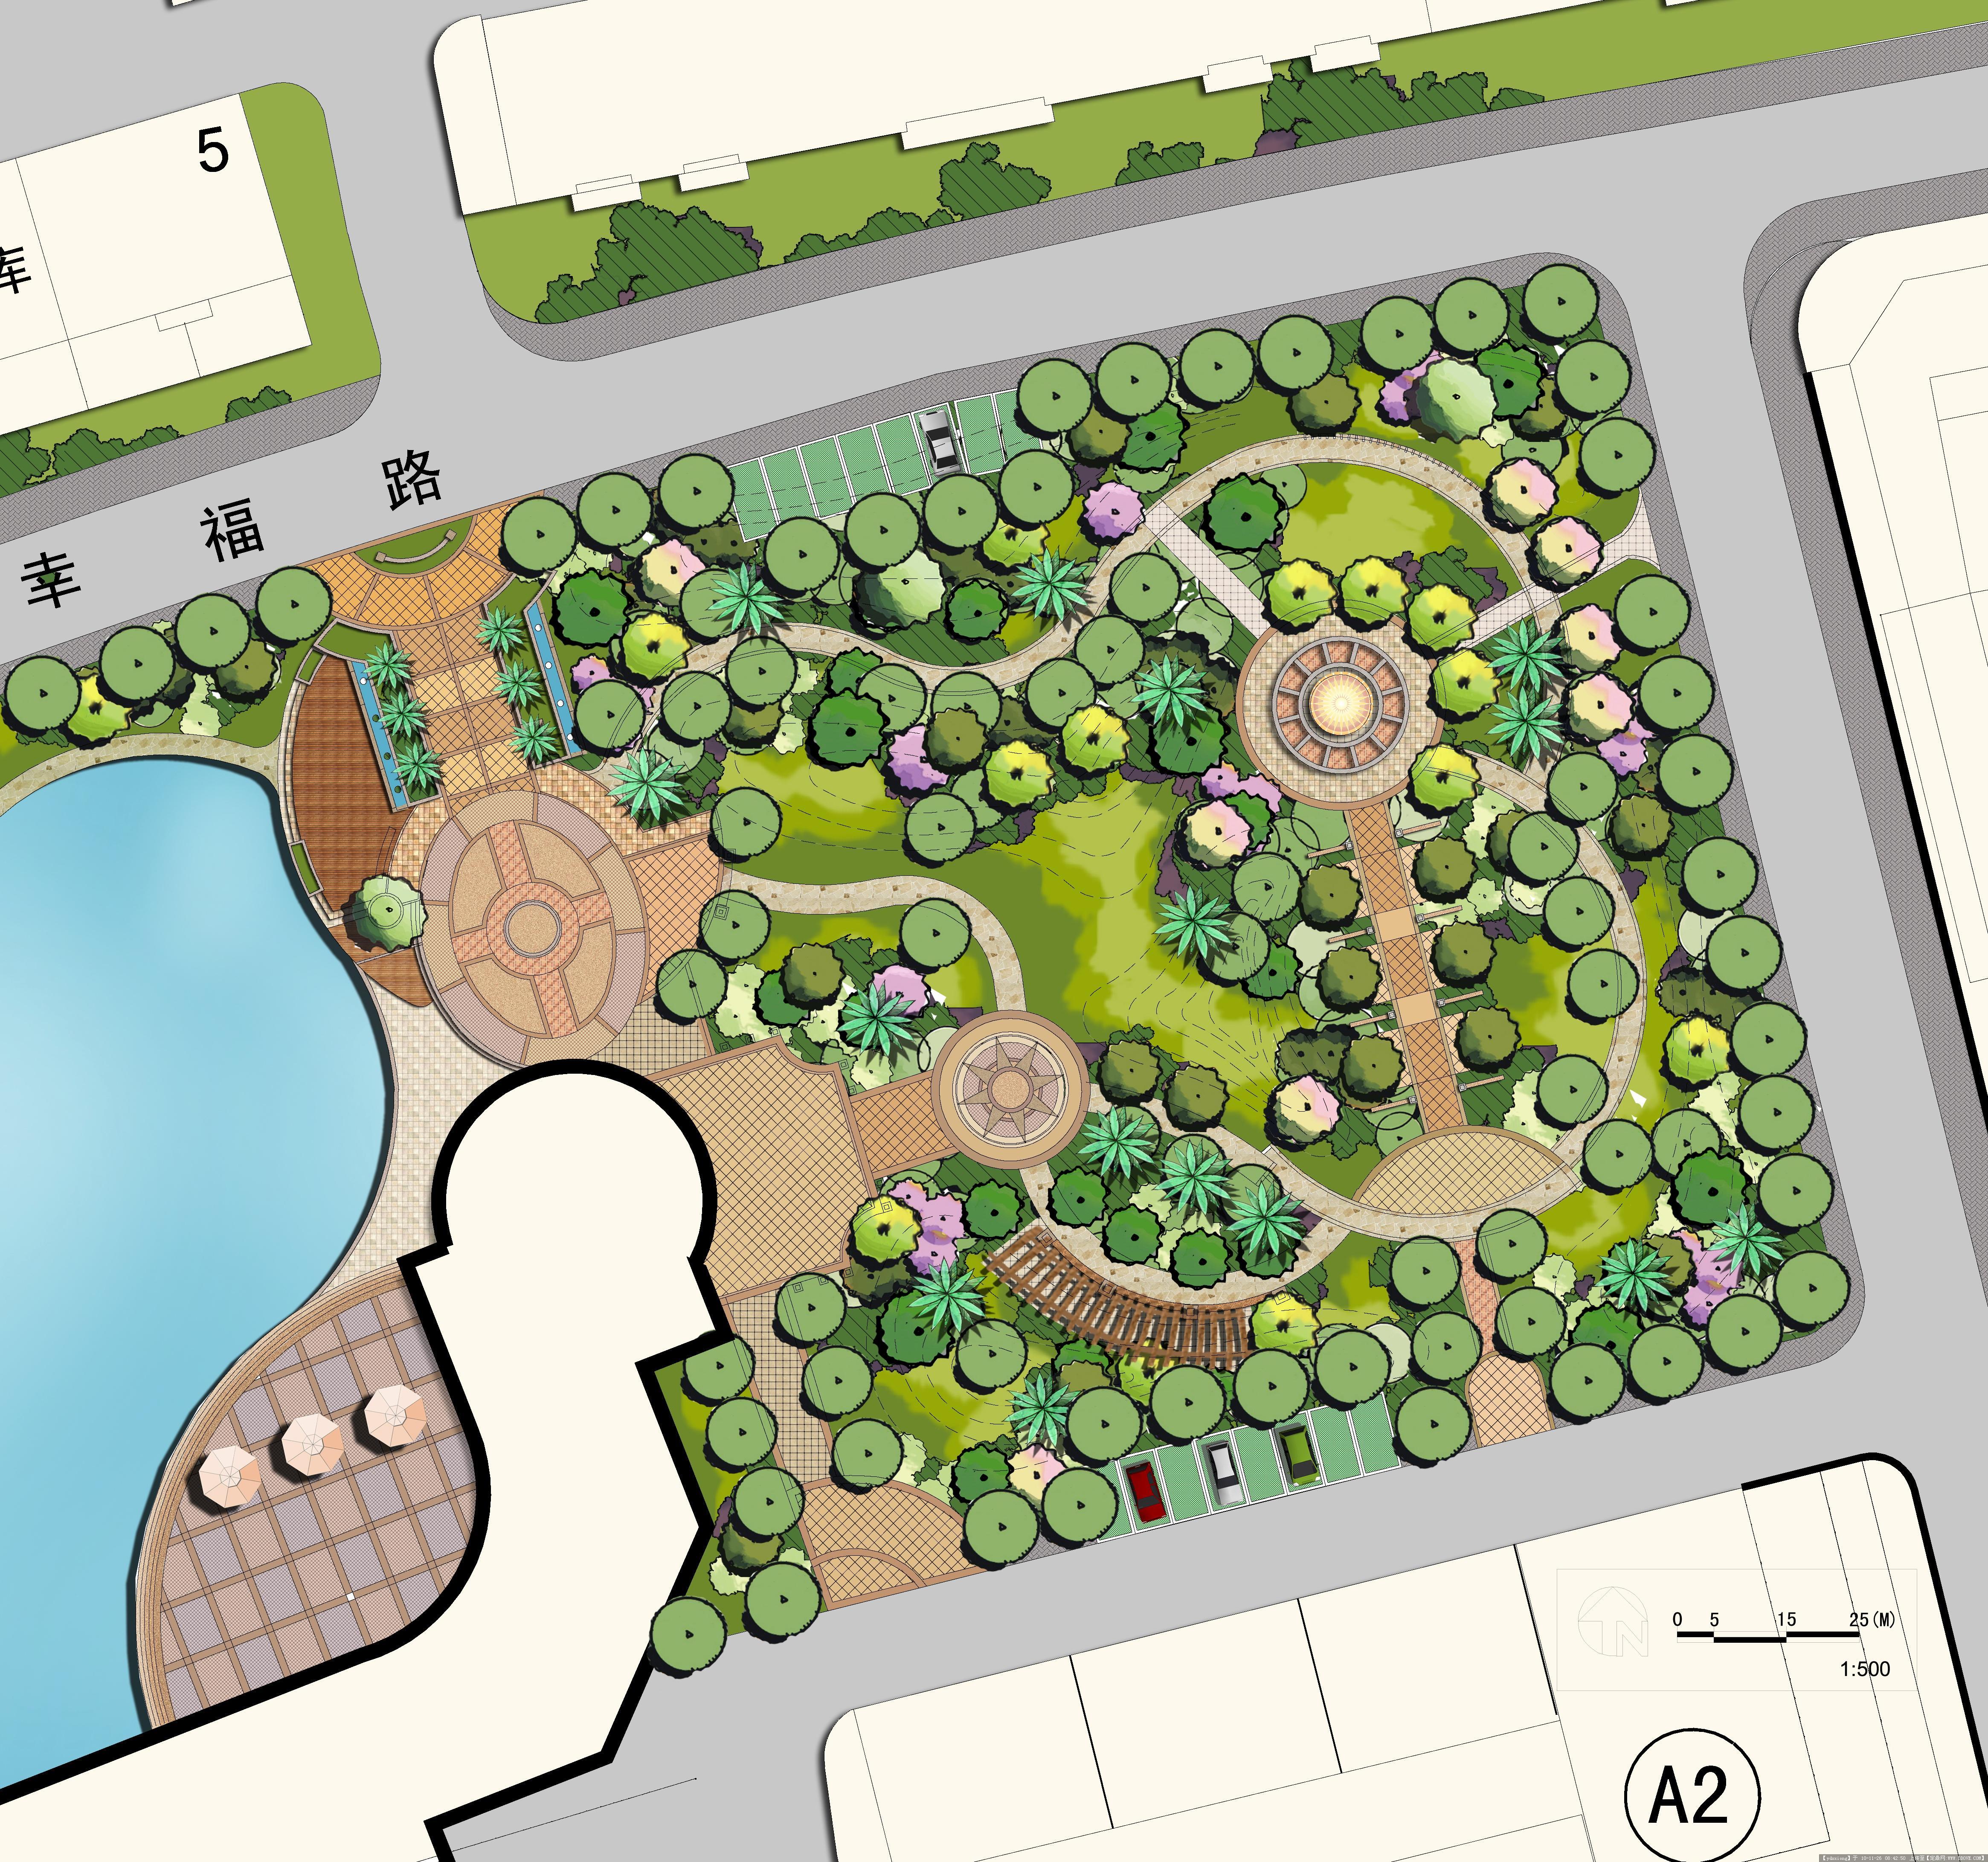 公园景观平面图-景观功能分区有哪些_山体公园景观_公园景观植物配置